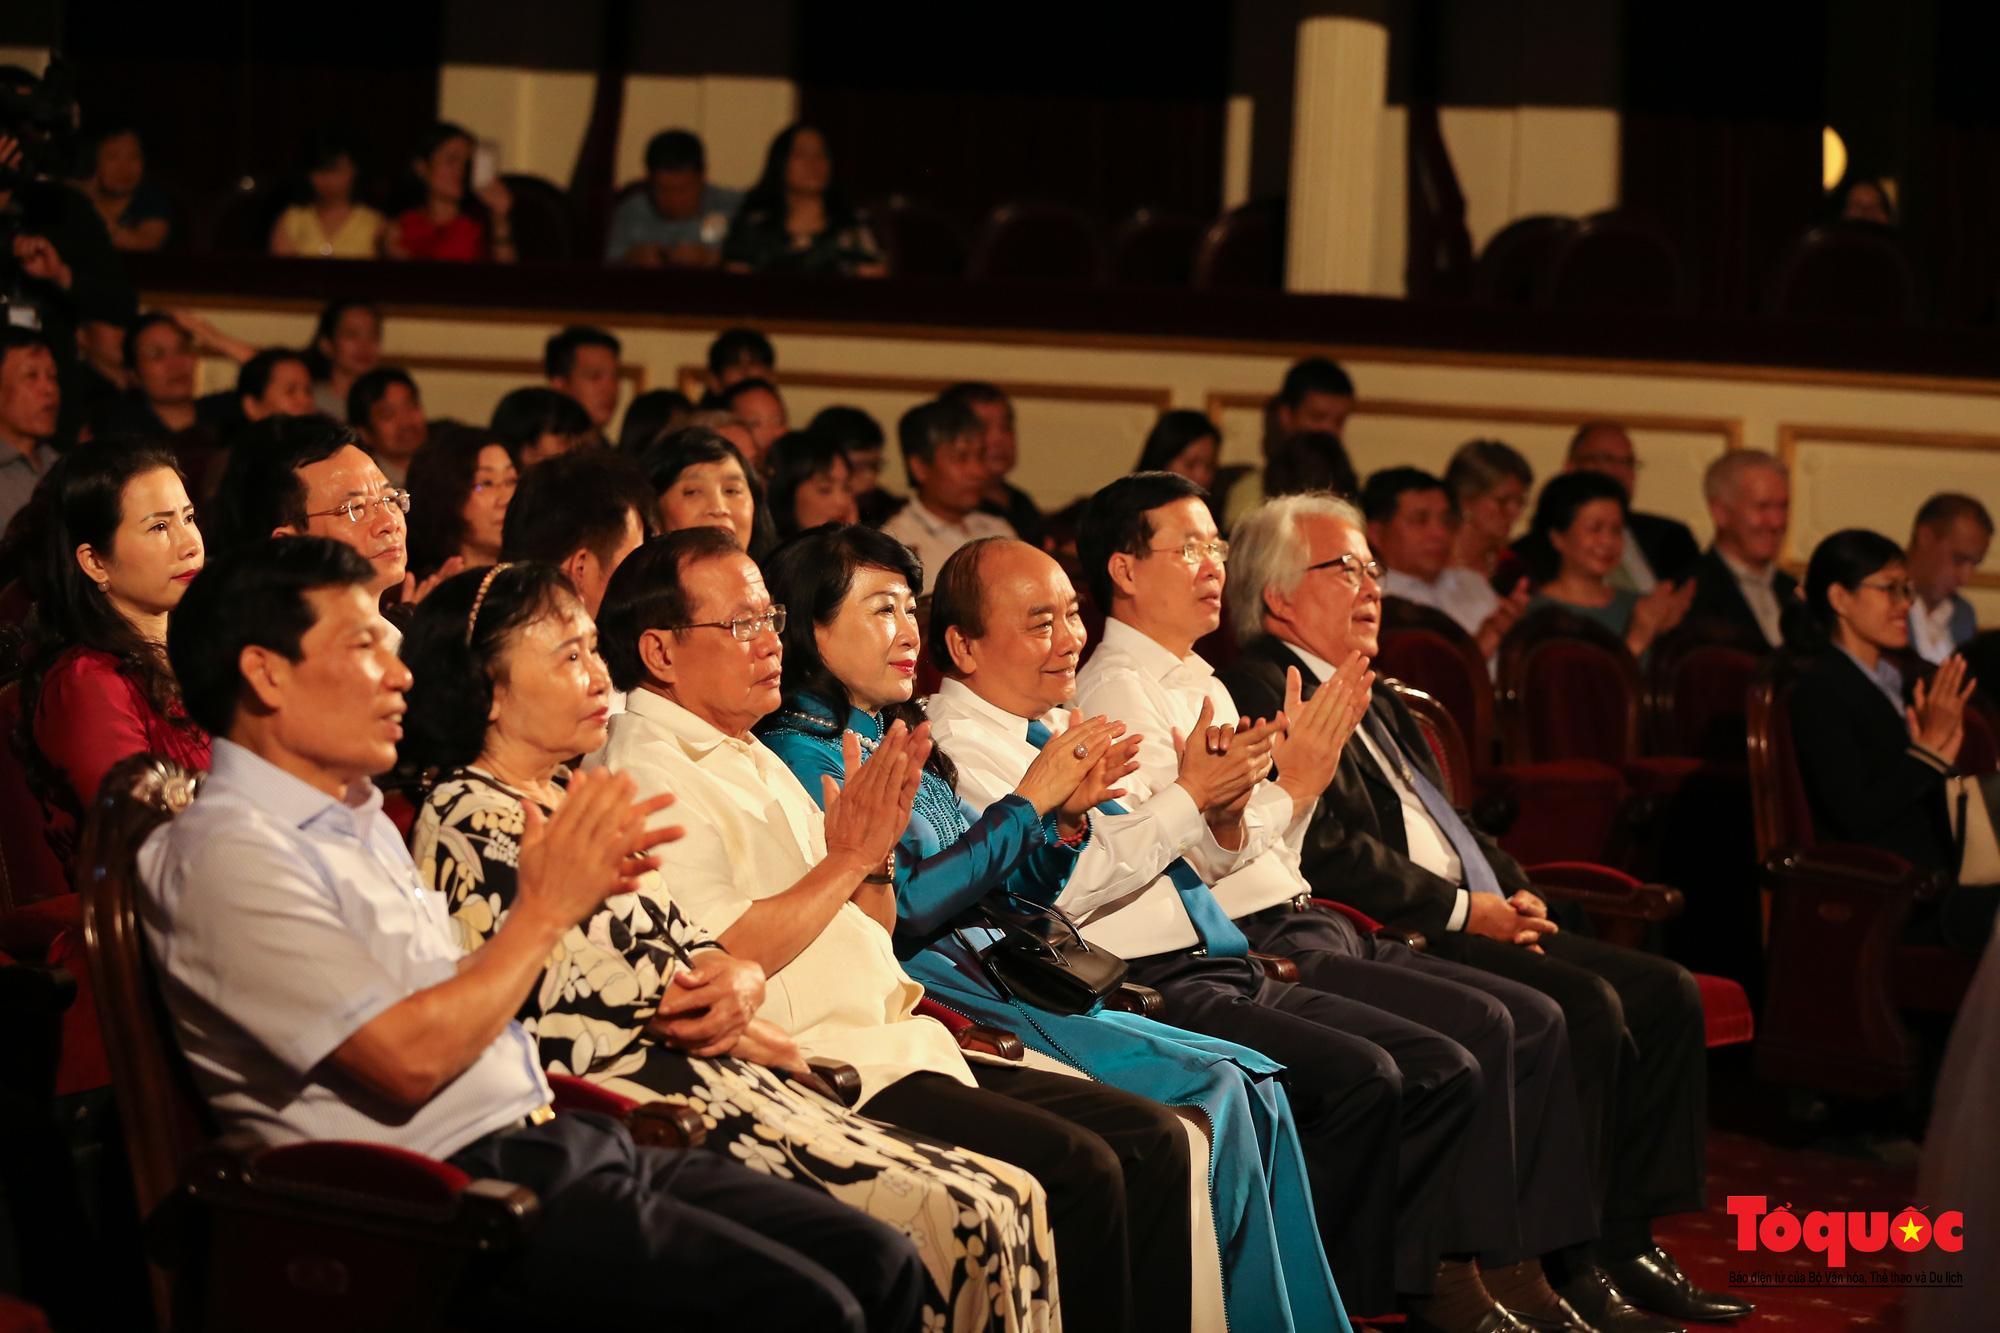 Nhiều cung bậc cảm xúc trong đêm nhạc 'Biển nhớ' tưởng nhớ cố nhạc sĩ Trịnh Công Sơn - Ảnh 10.